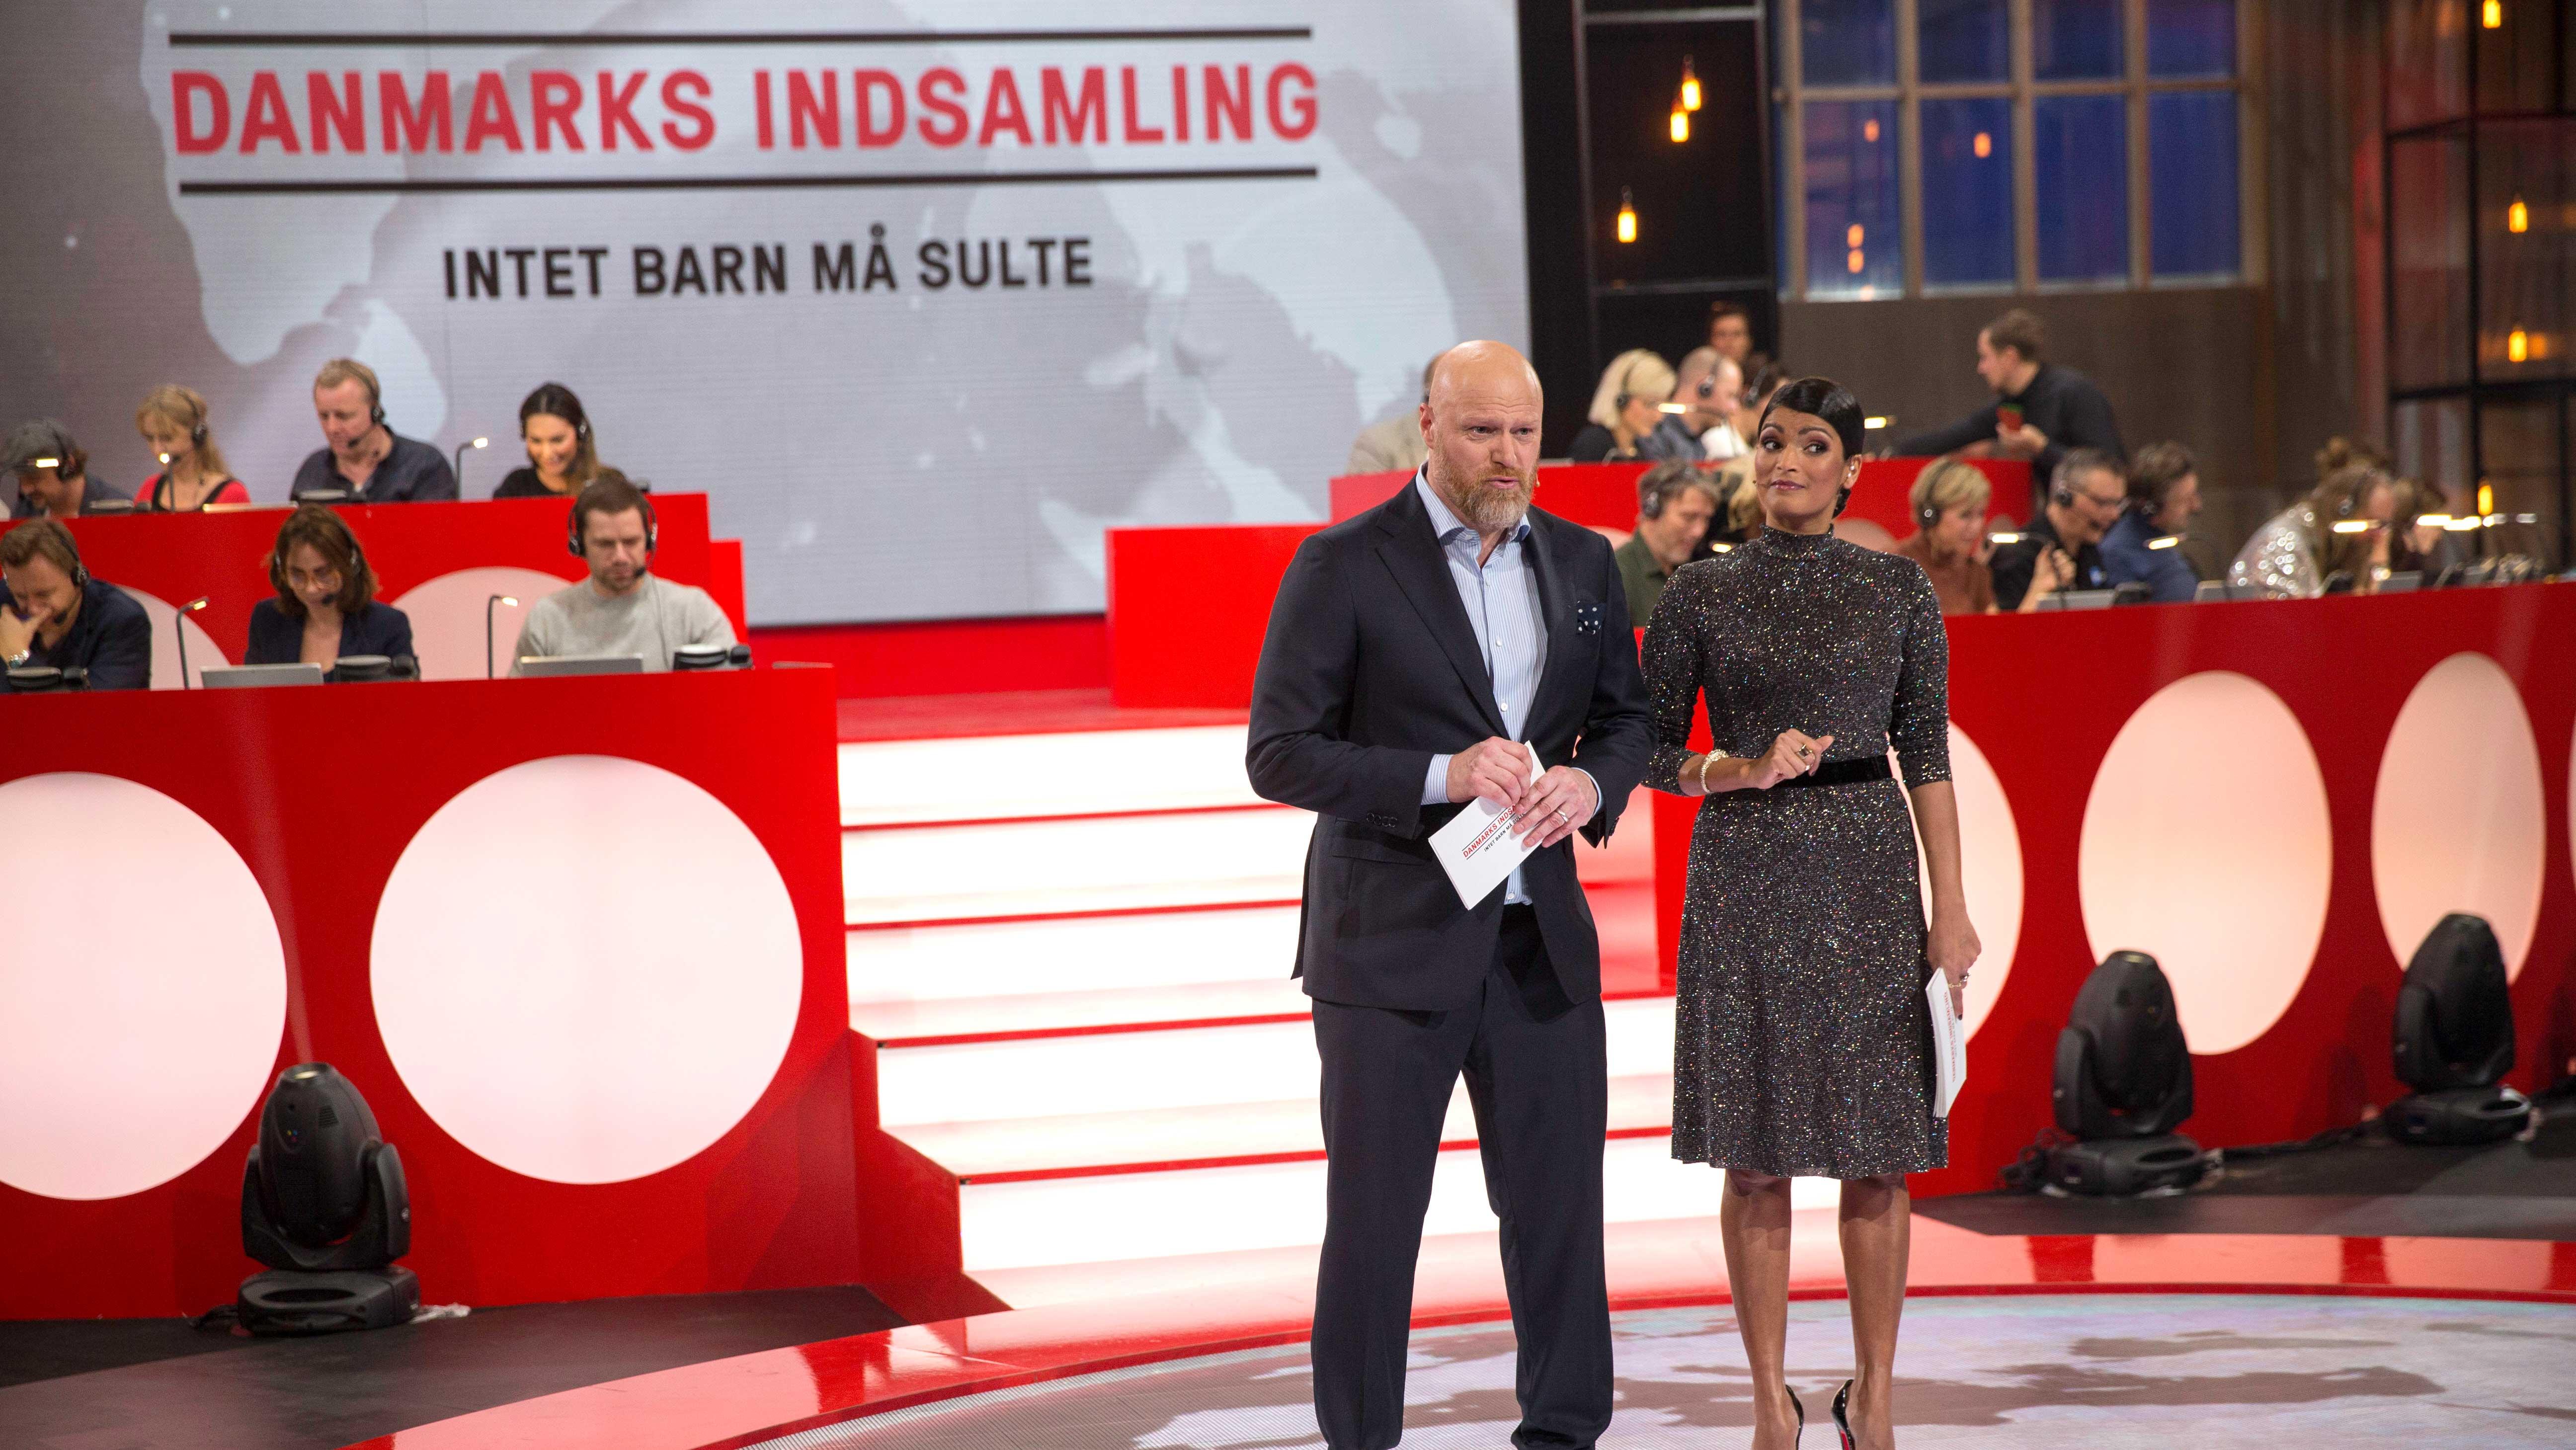 DK Indsamling